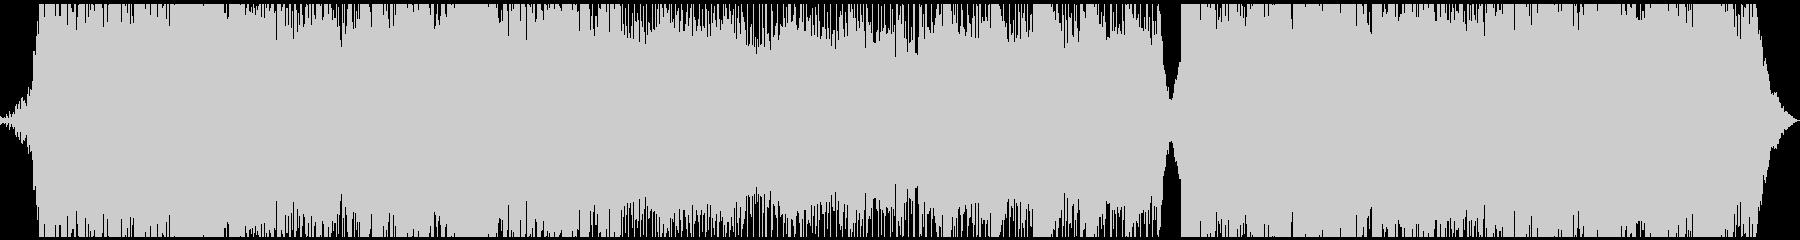 ポップ ロック 現代的 交響曲 ア...の未再生の波形